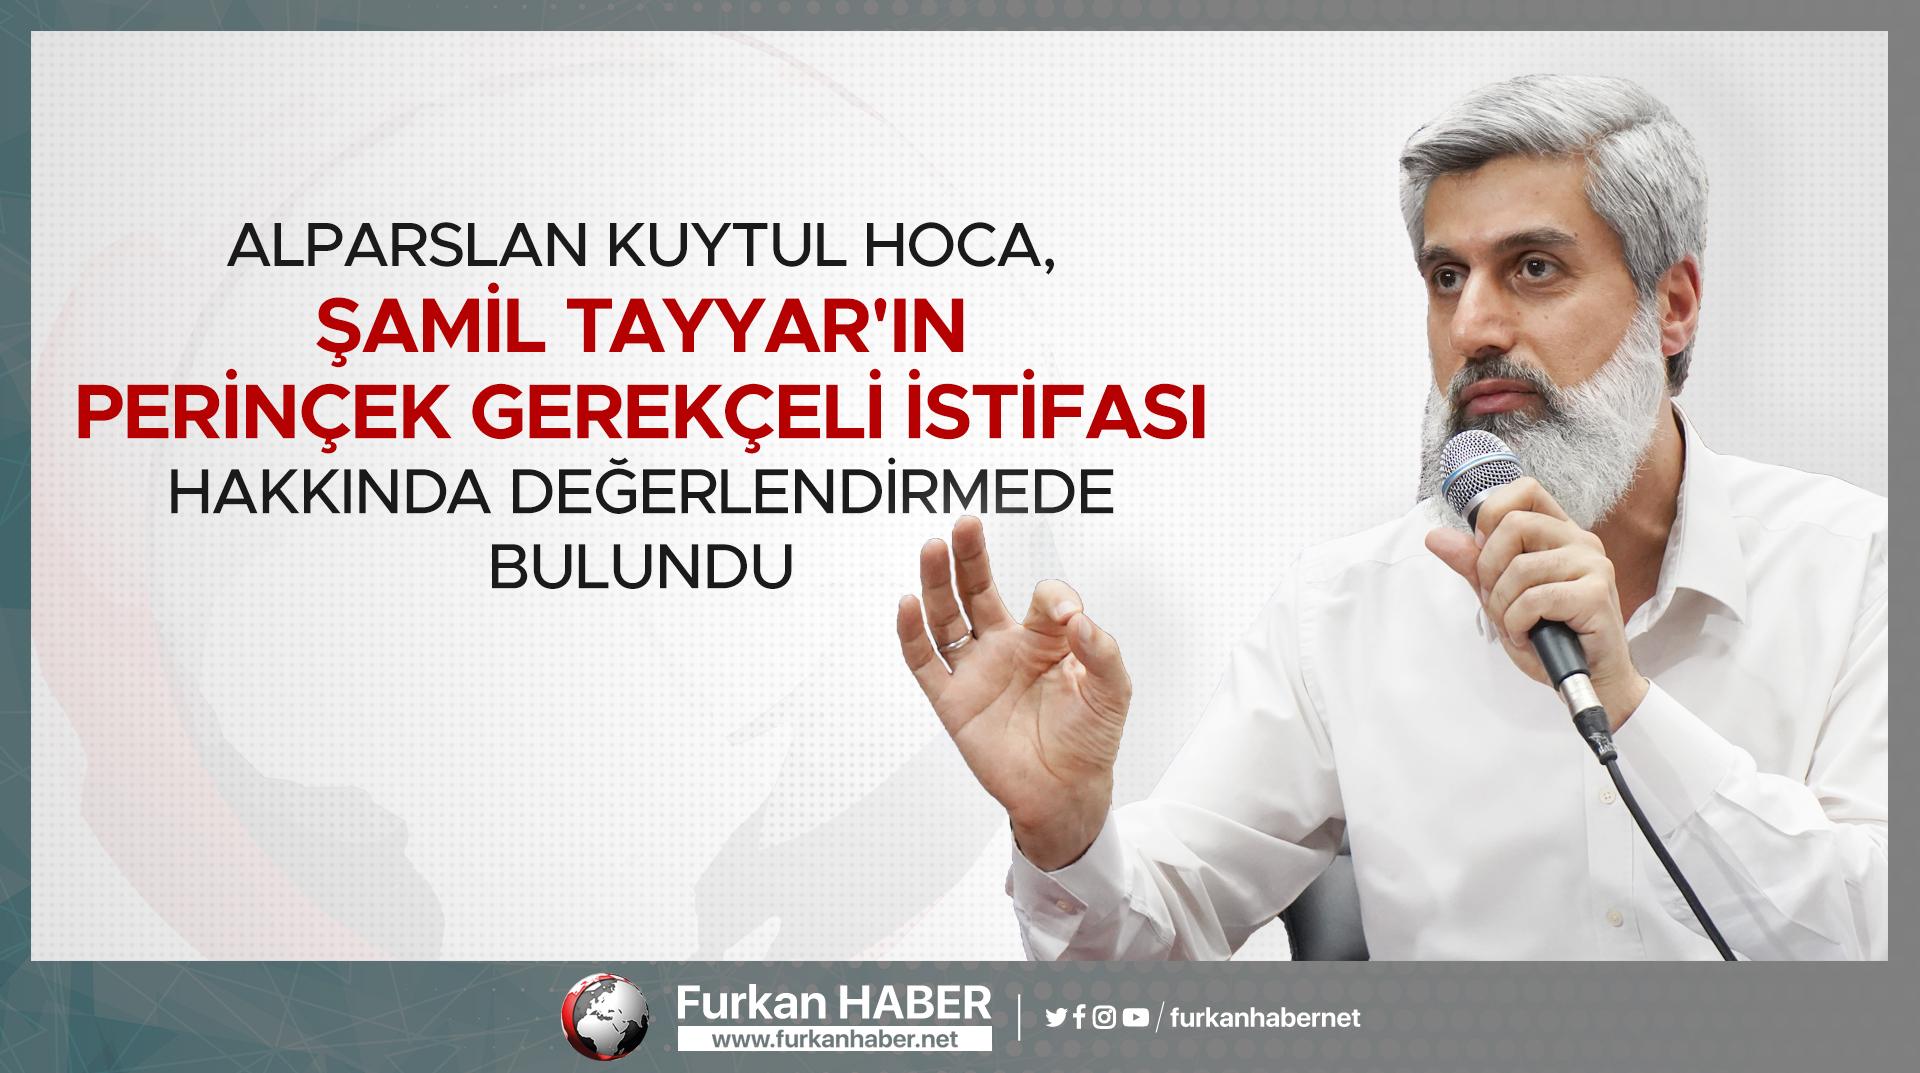 Alparslan Hoca, Şamil Tayyar'ın Perinçek Gerekçeli İstifası Hakkında Değerlendirmede Bulundu